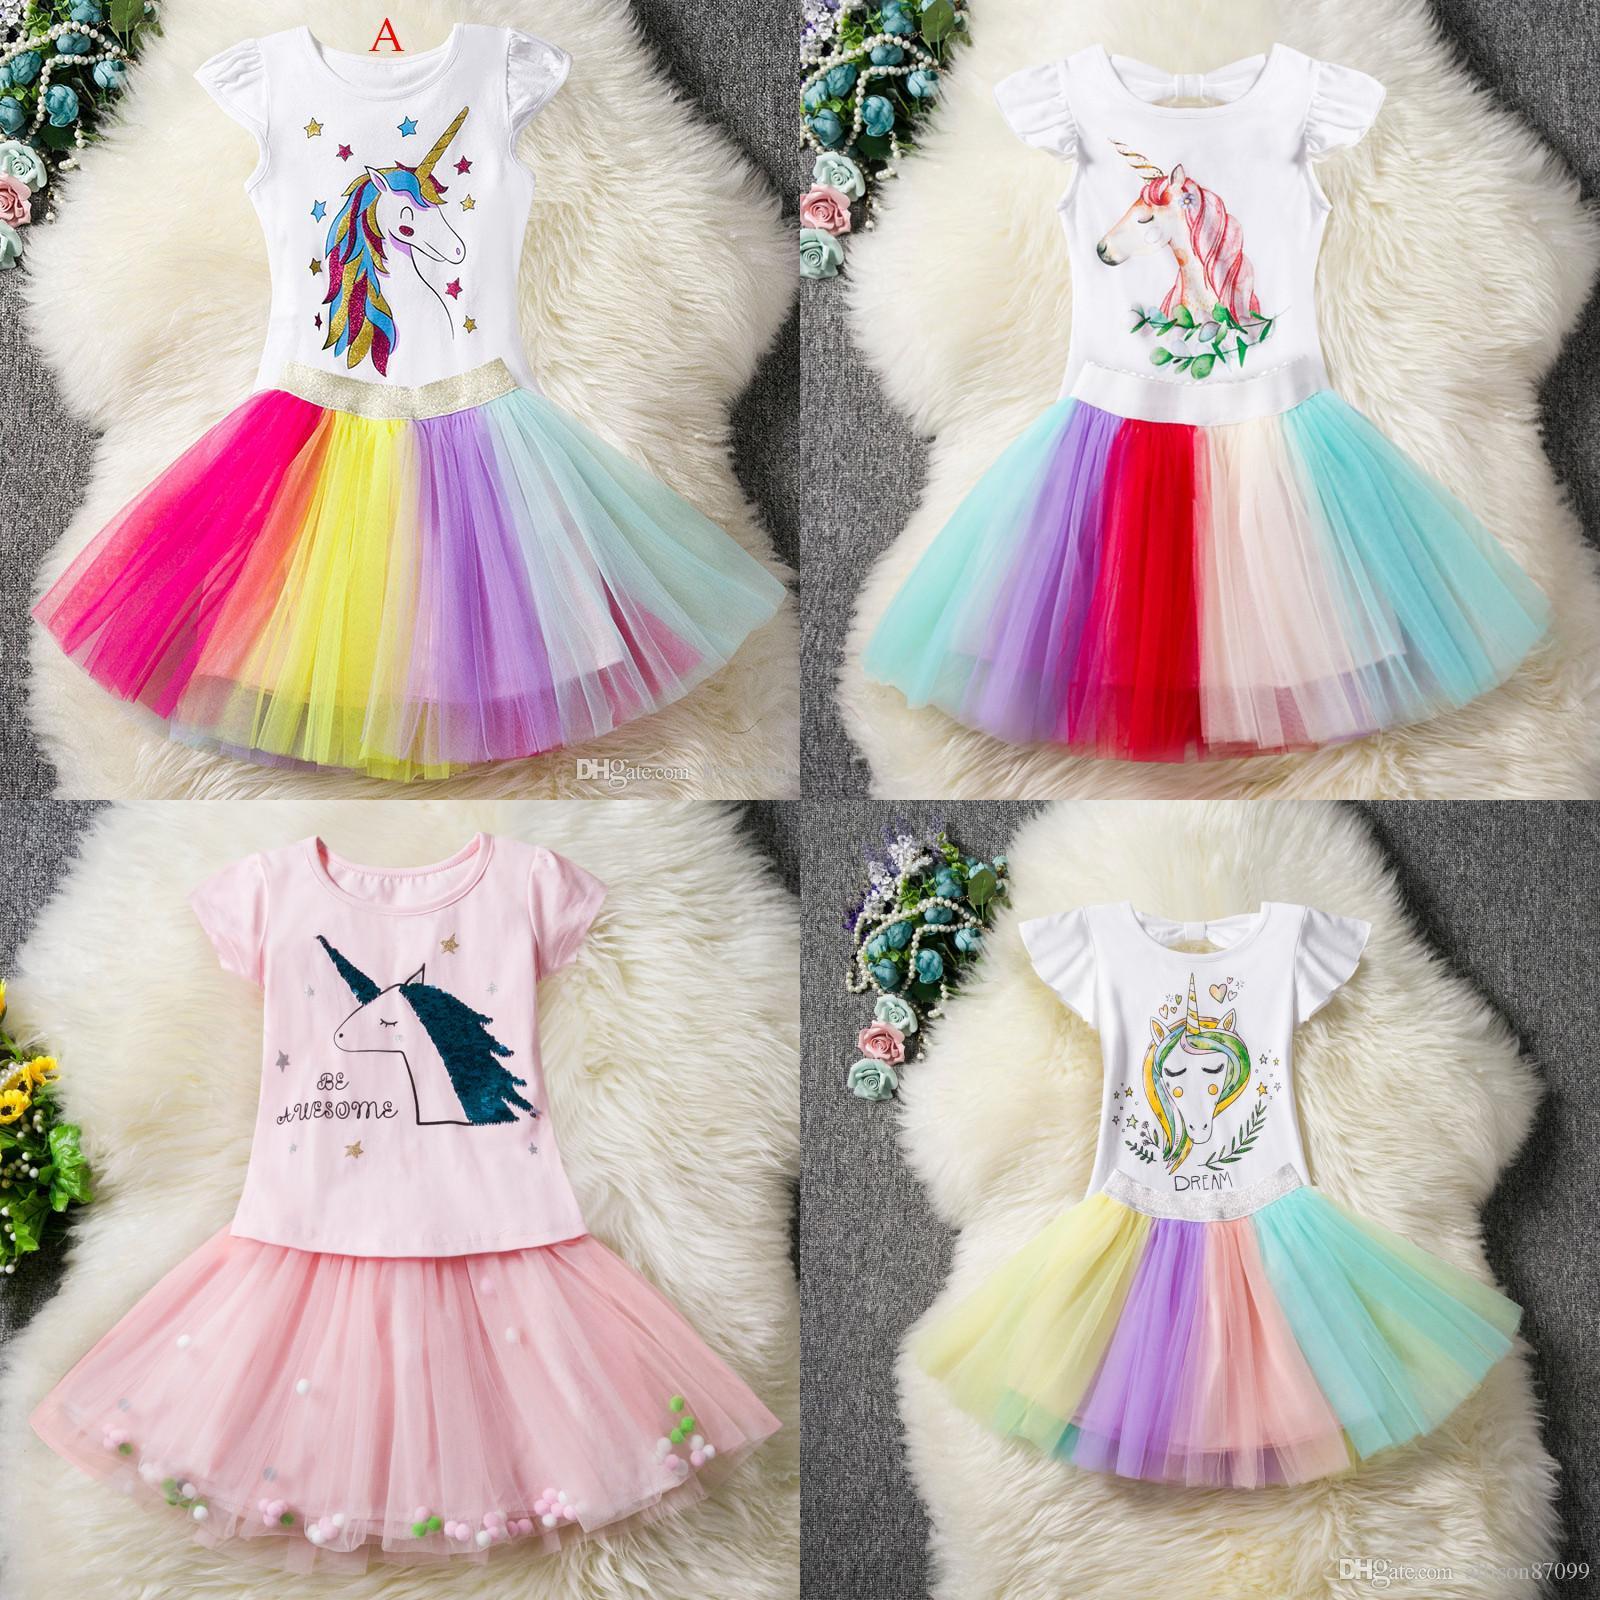 Ins Bebek kız Unicorn Kıyafetler Elbise Pamuk çocuk üst Ruffles kol + TuTu gökkuşağı etekler 2 adet Karikatür 2019 Moda Çocuk Giyim Setleri